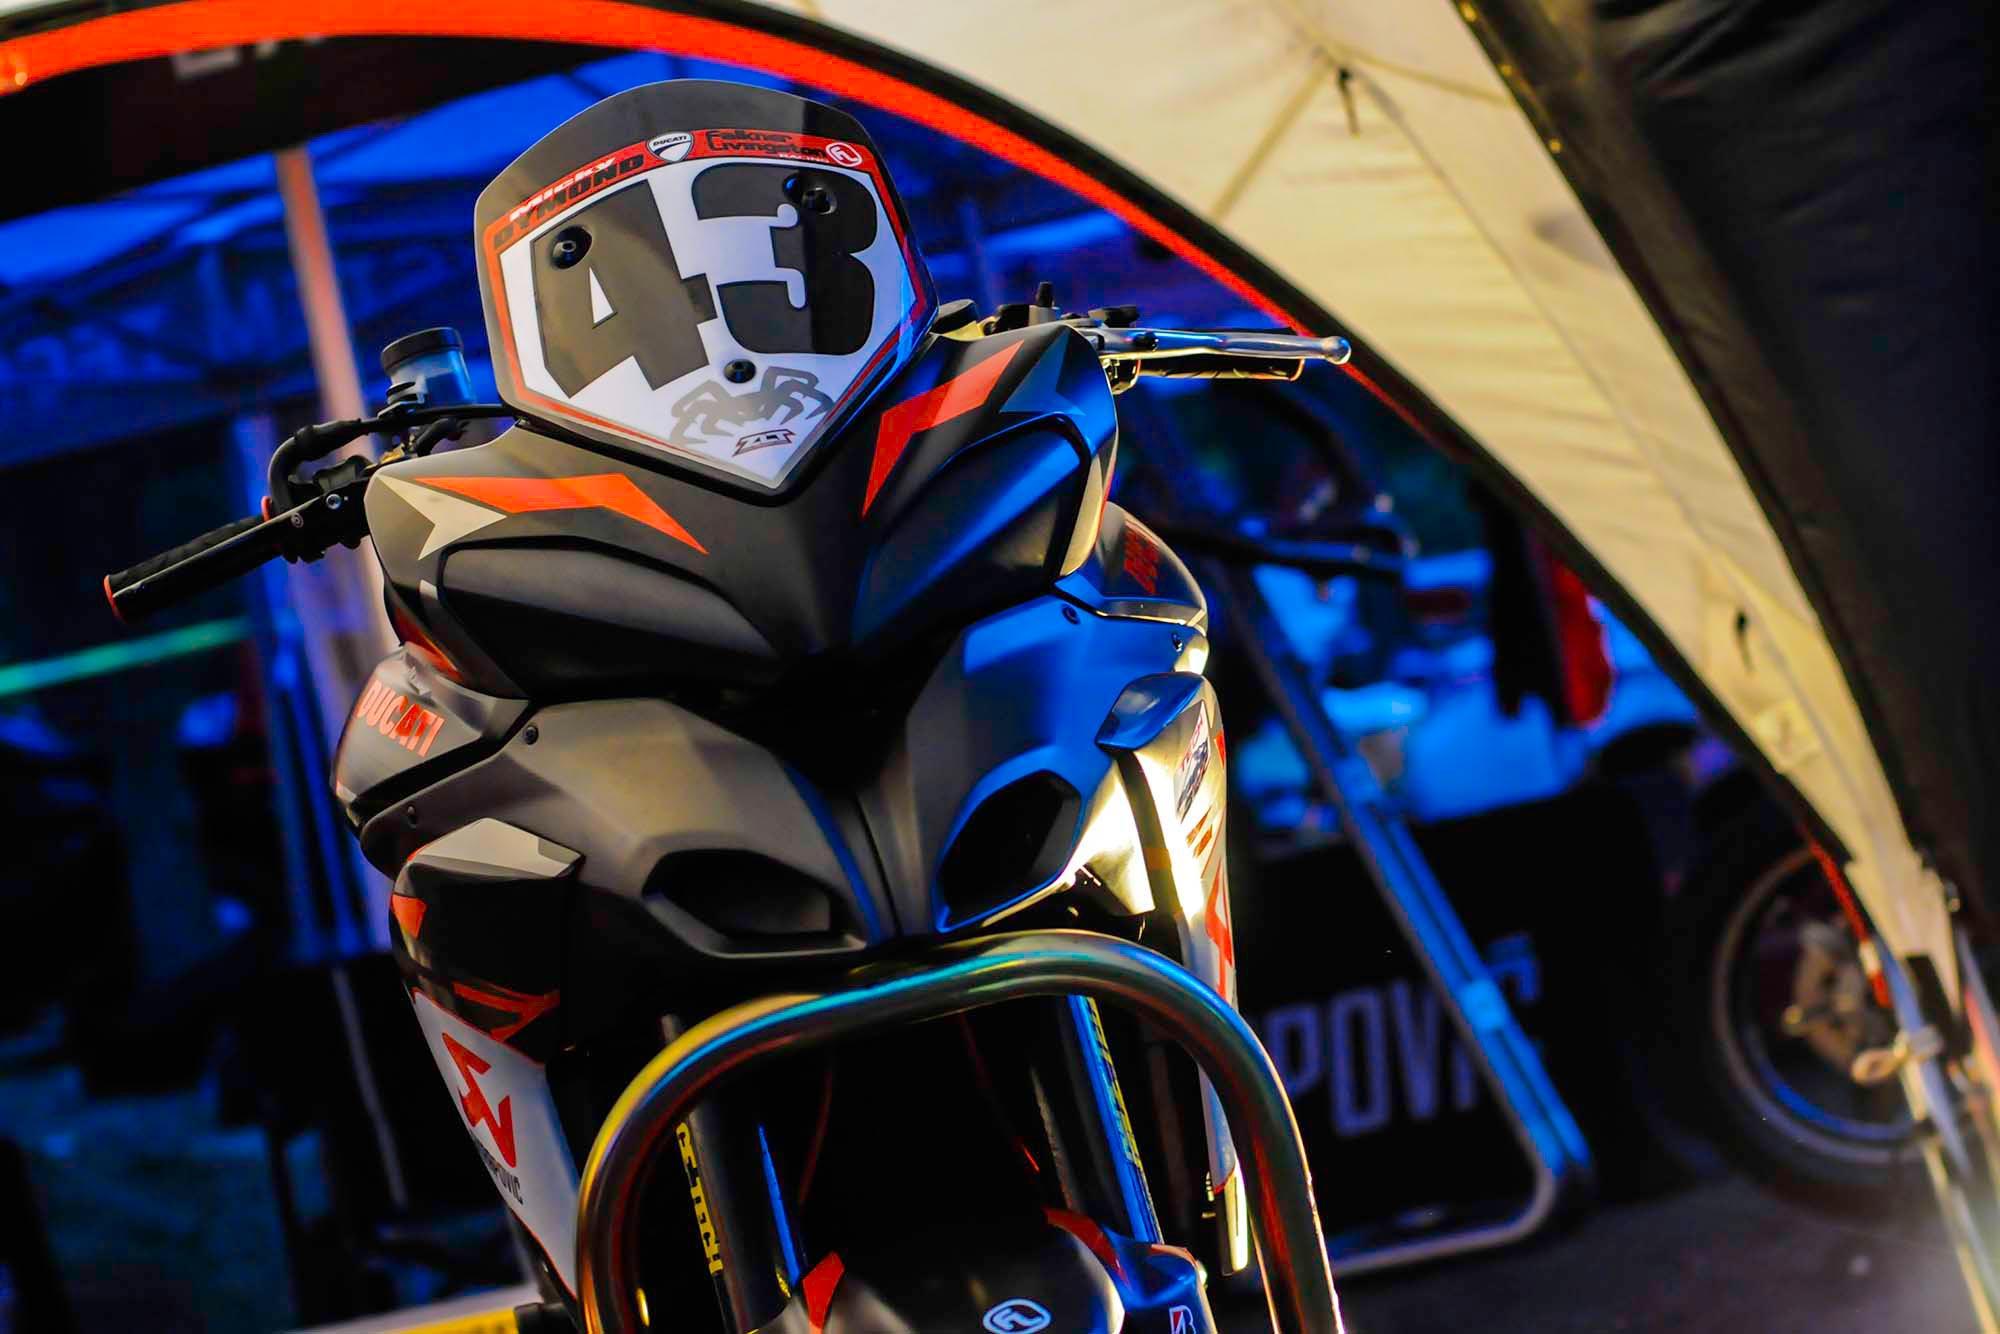 spider-grips-ducati-multistrada-1200-s-pikes-peak-race-bike-02.jpg